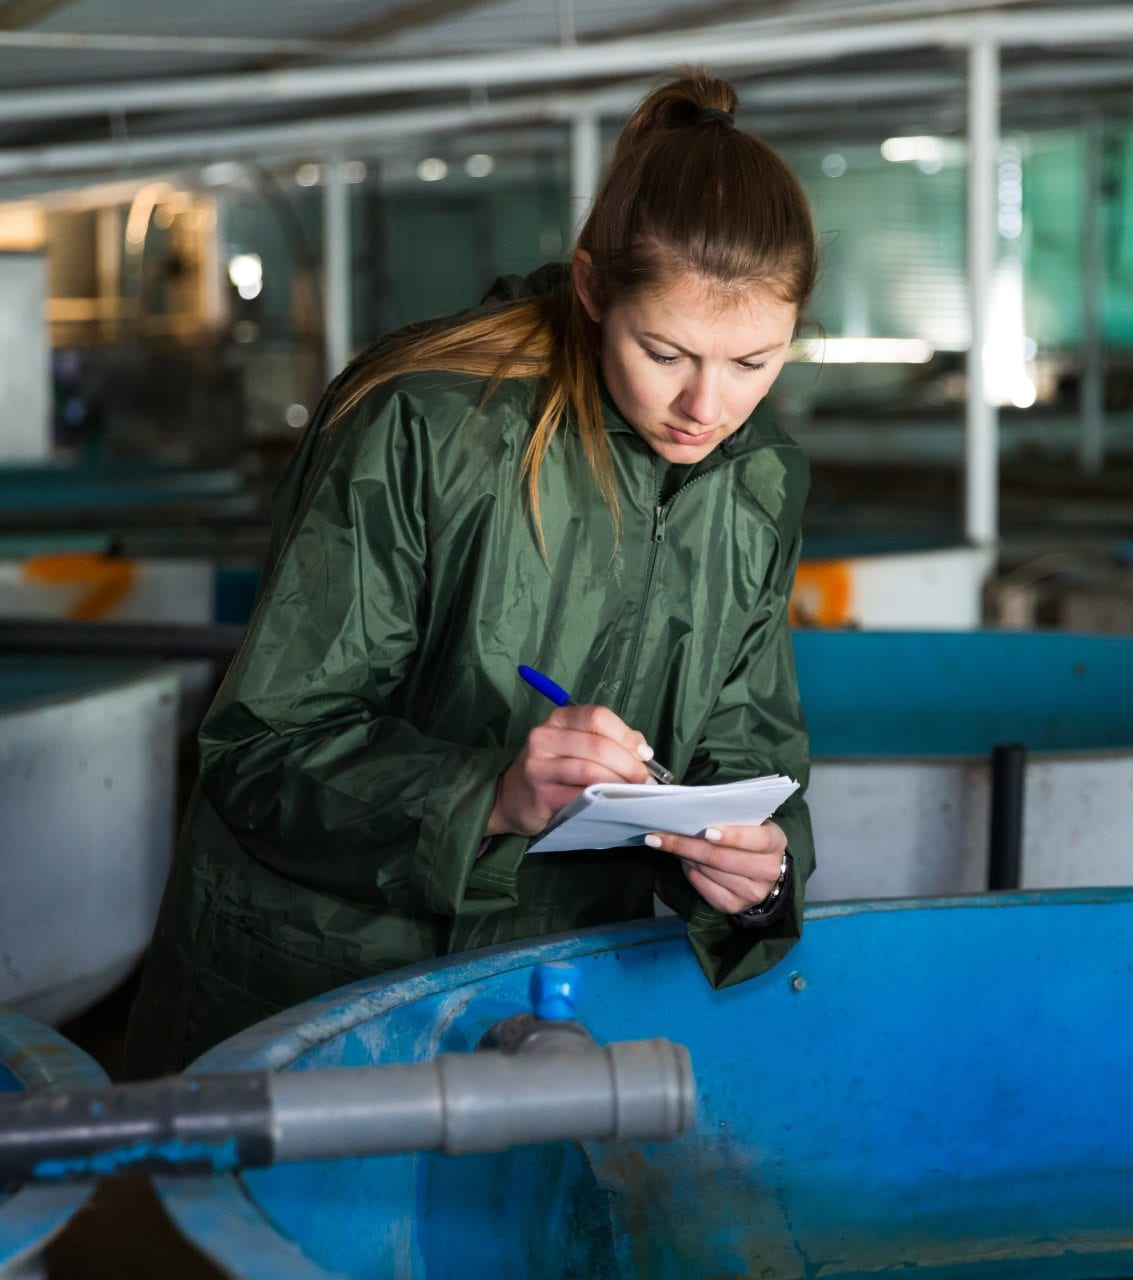 Trabajadora de acuicultura